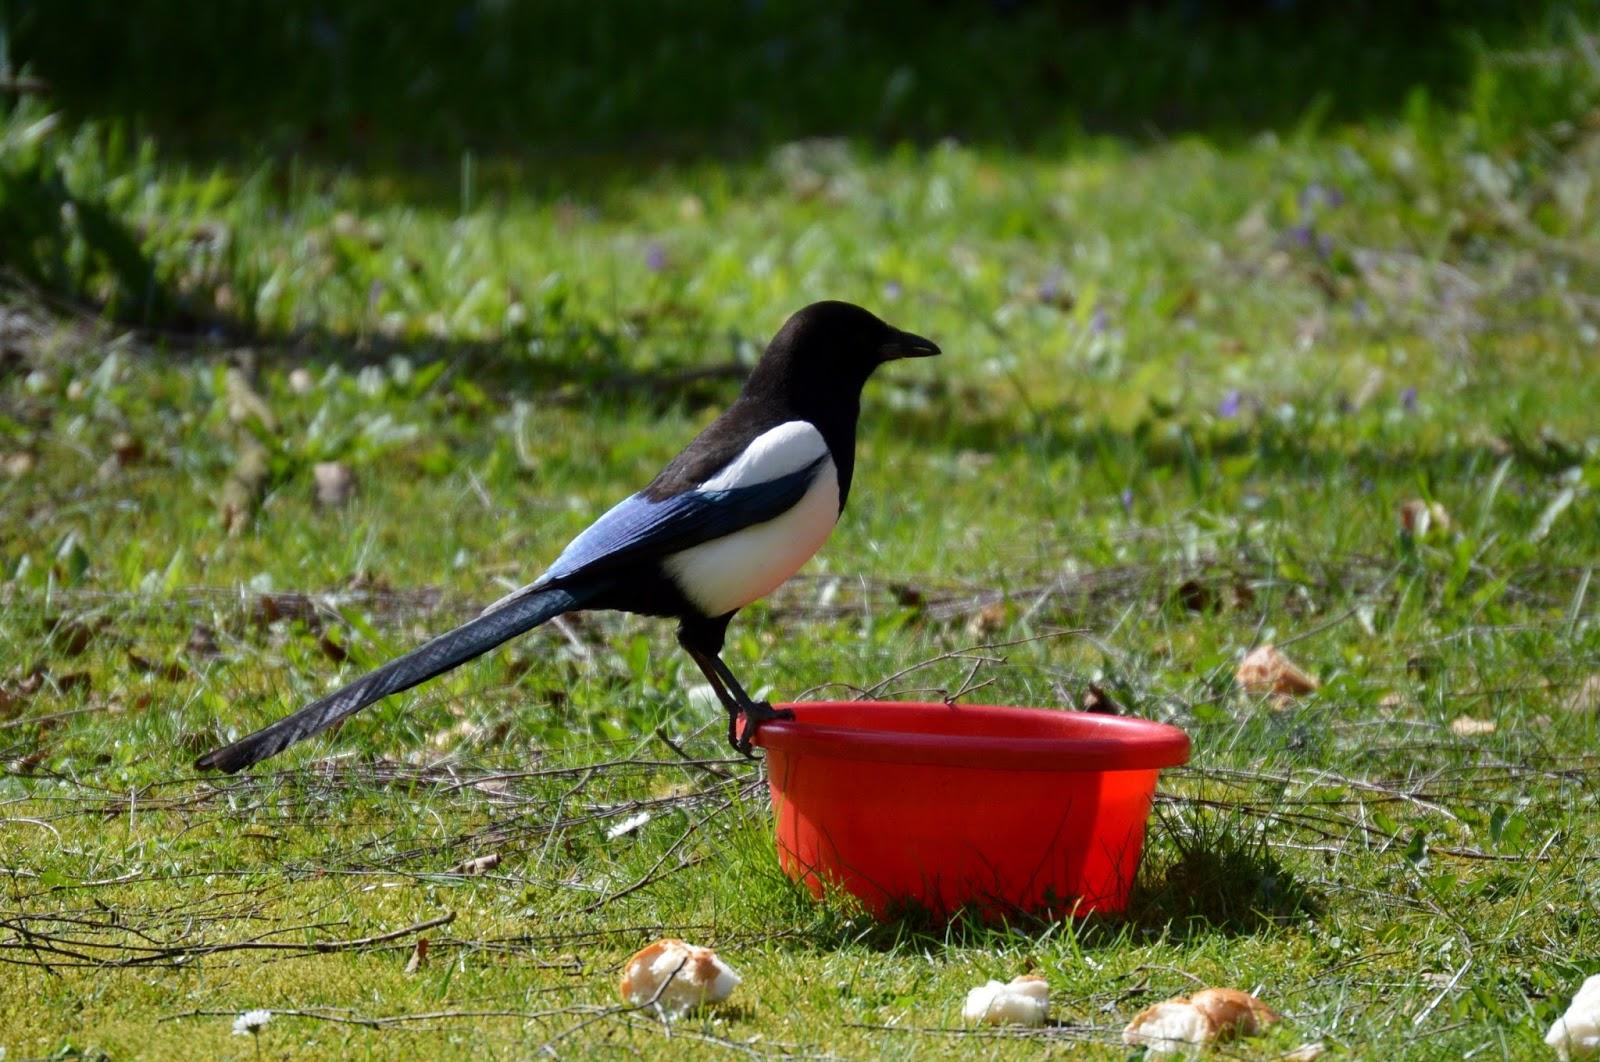 A raven bird performing a balancing trick.